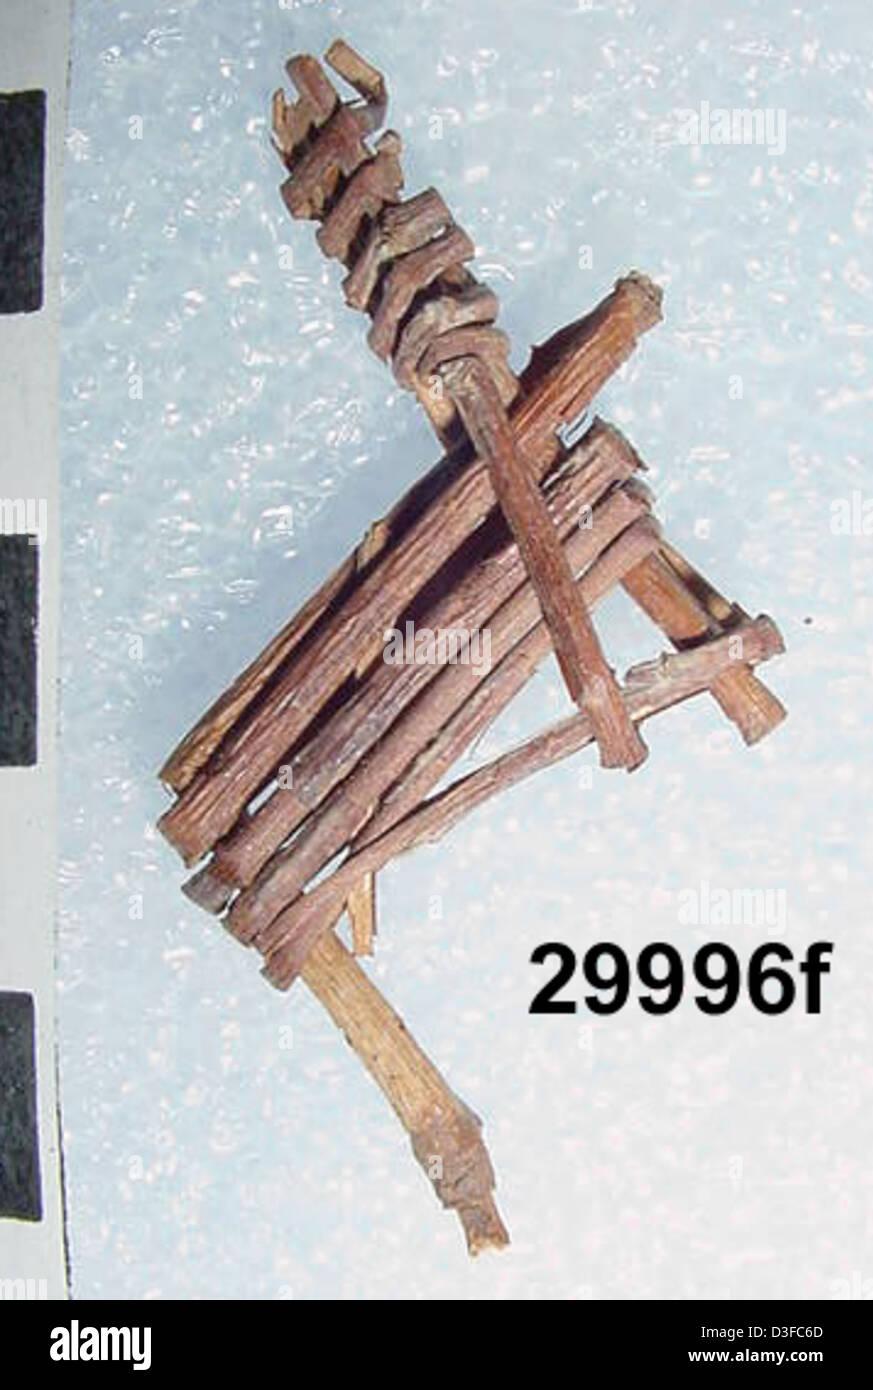 Split-Twig Figurine GRCA_29996f - Stock Image